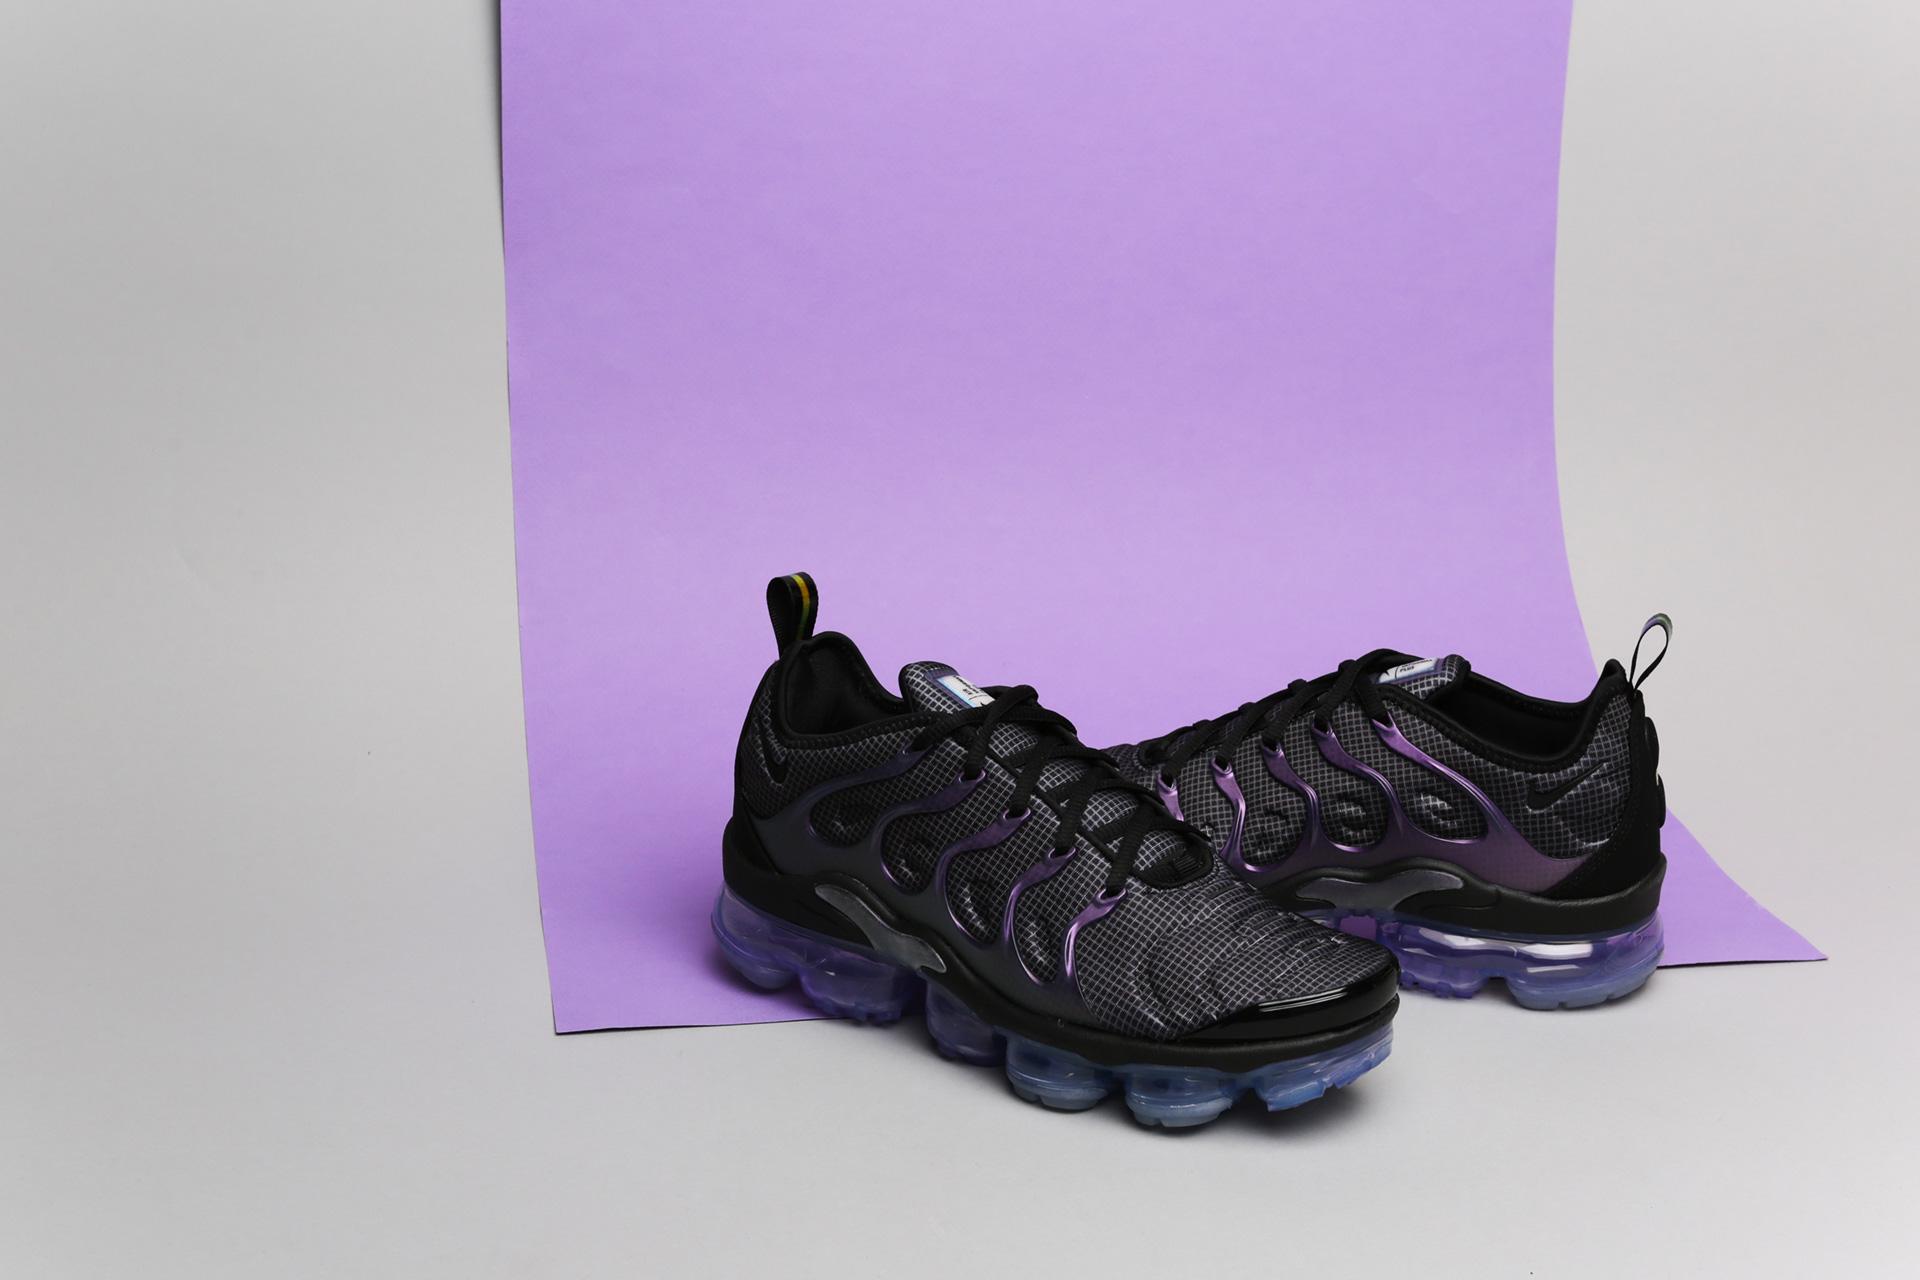 c3e49747 Купить черные мужские кроссовки Air Vapormax Plus от Nike (924453 ...